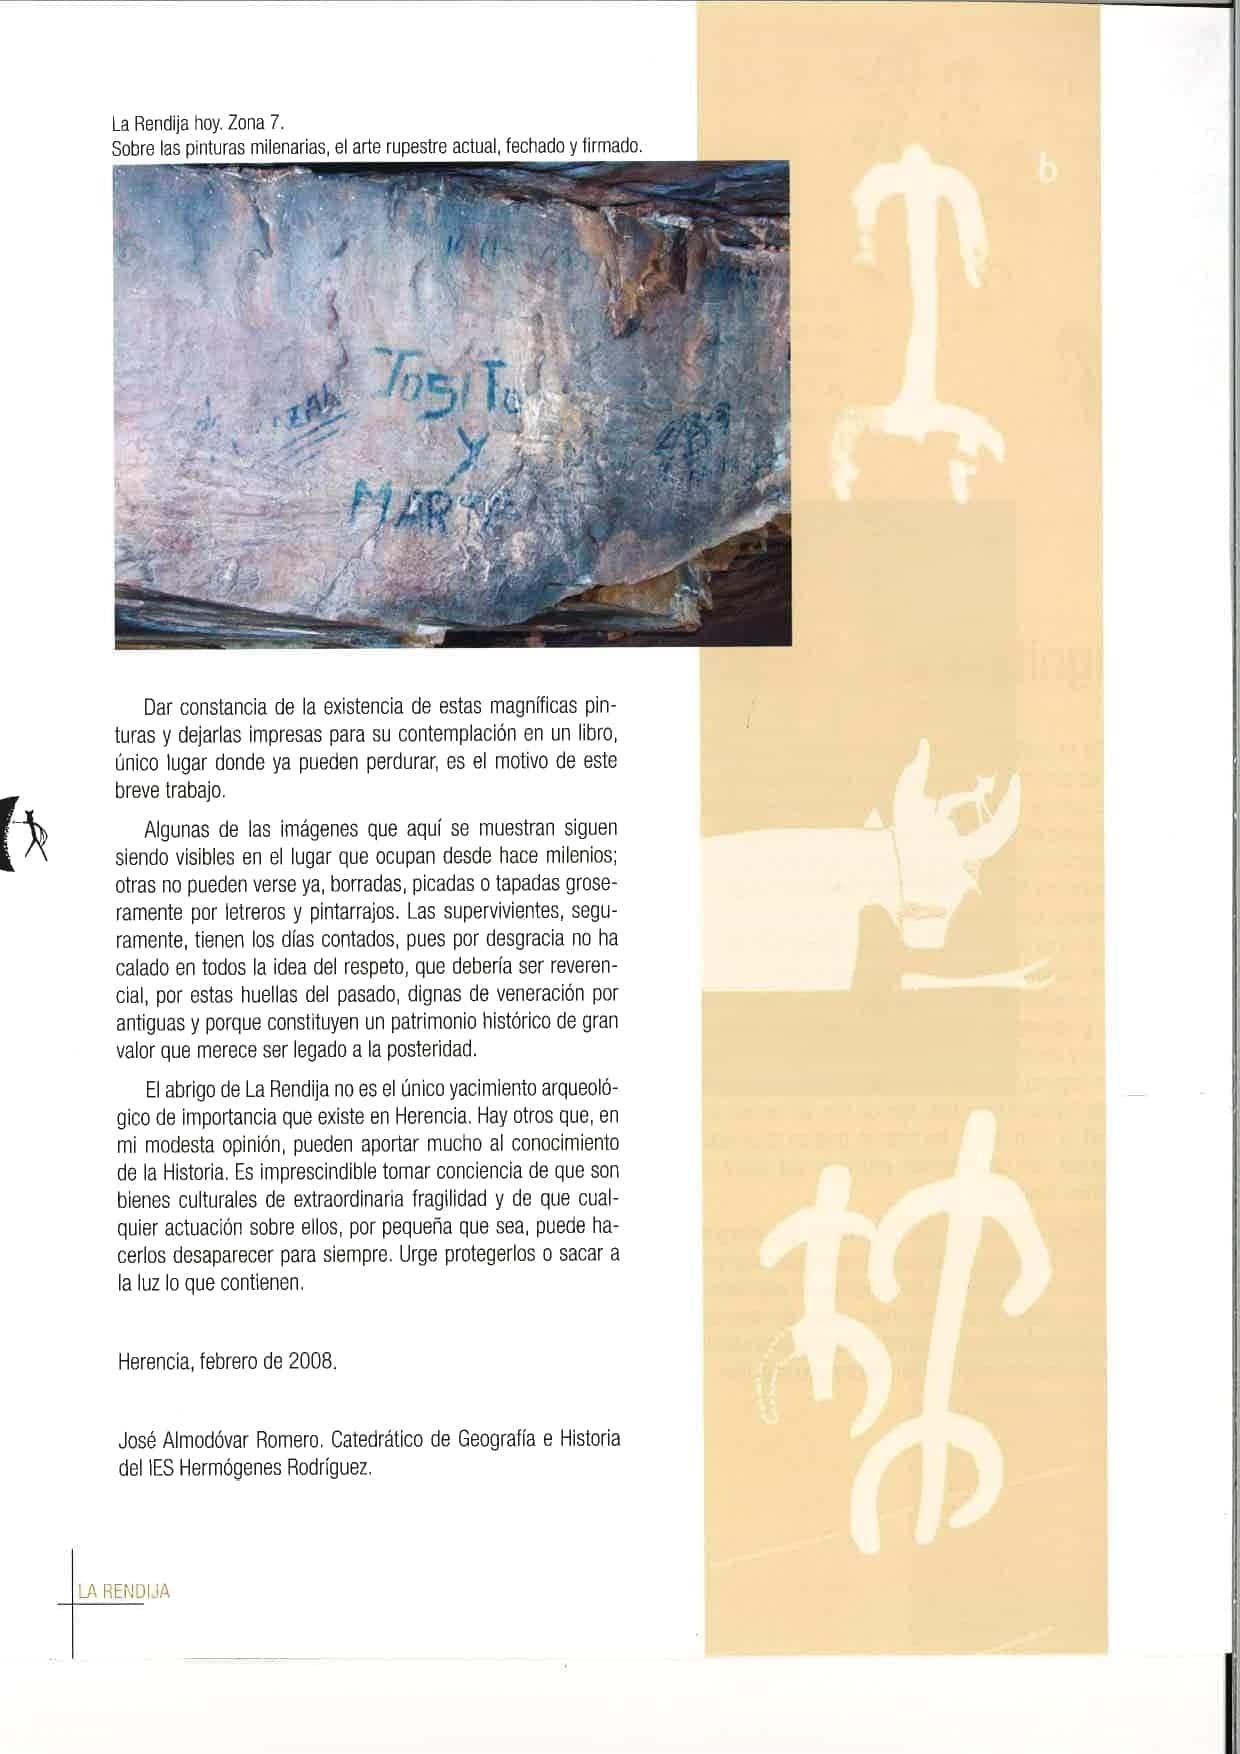 """Herencia celebró el Día Europeo del Arte Rupestre con """"La Rendija"""" 70"""